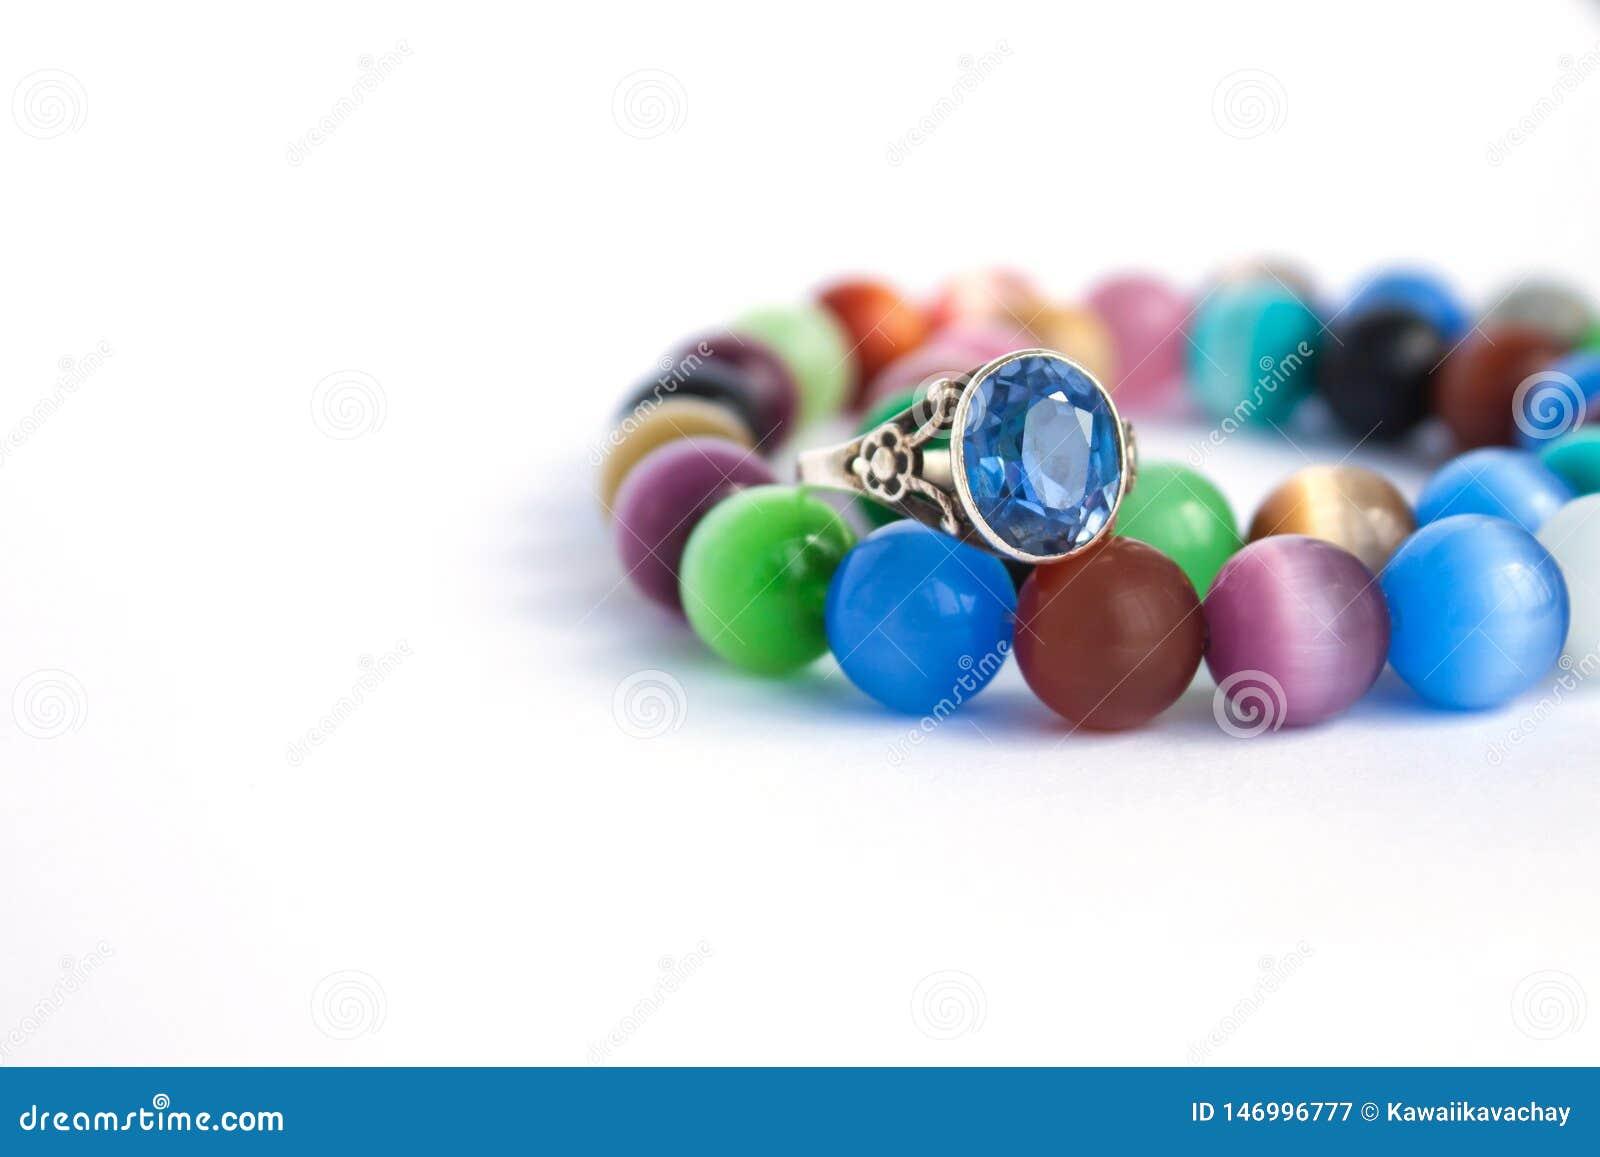 Ожерелье кварца глаза кота и браслет, выборочный фокус на белой изолированной предпосылке Красочные драгоценные камни